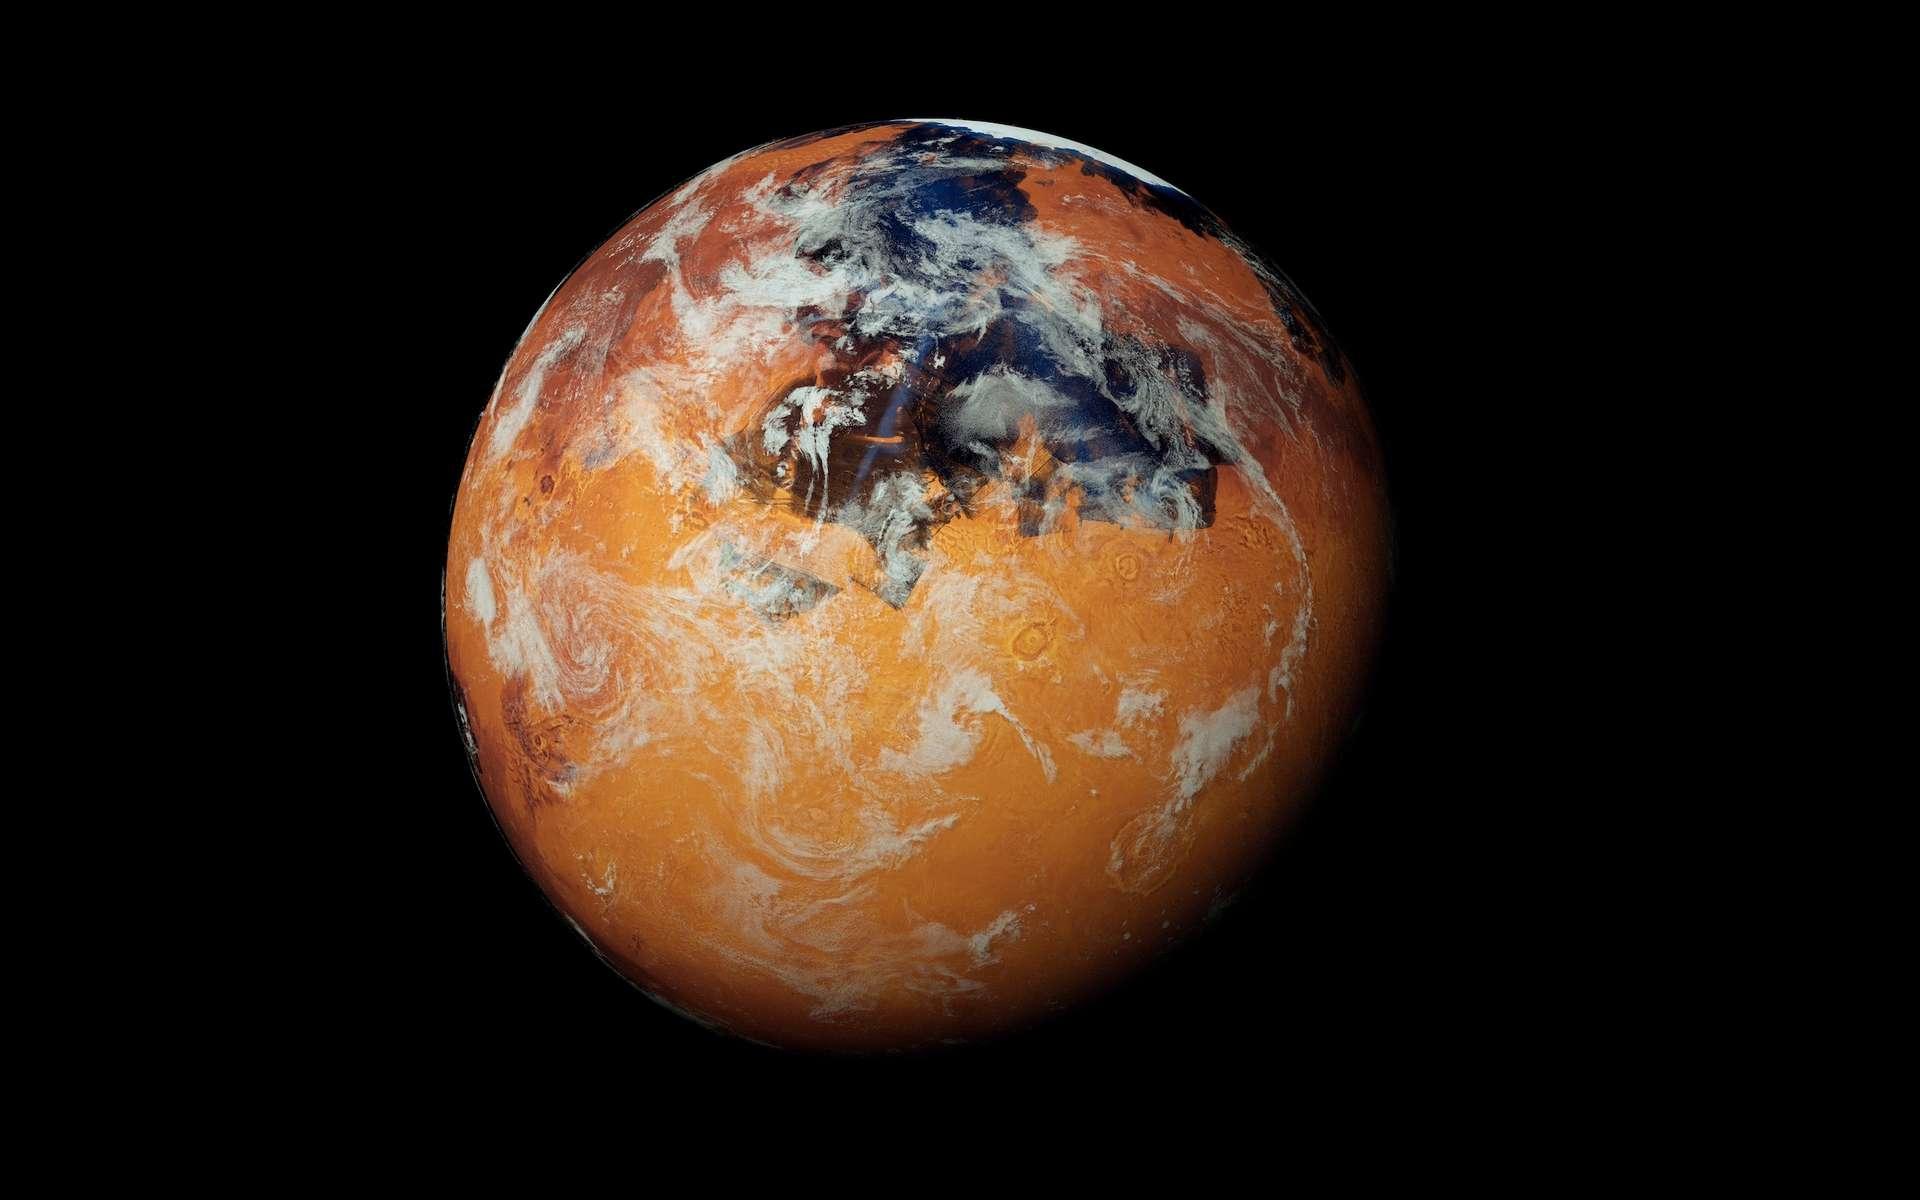 Des chercheurs suggèrent que l'apparition de l'eau sur une planète pourrait être liée à son processus de formation. © Sasa Kadrijevic, Adobe Stock